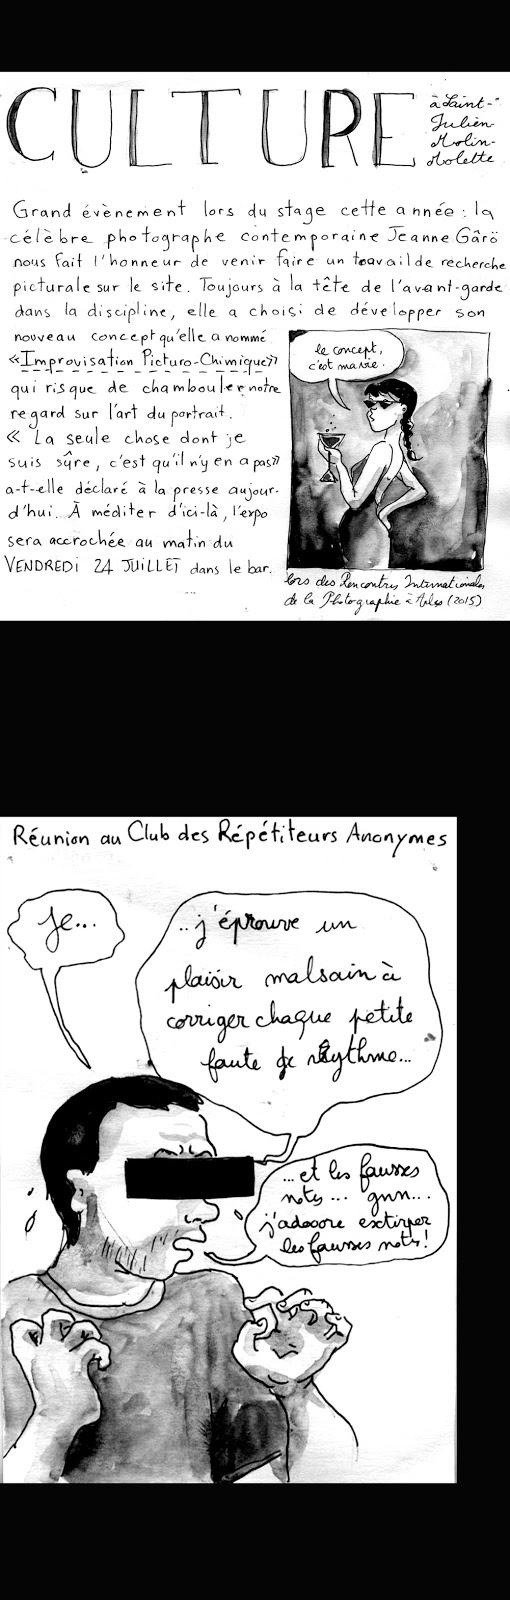 En vrai, l'expo de Jeanne était de toute beauté. Et le répétiteur, c'est celui qui fait répéter les choristes, là il s'agissait d'Emmanuel Le Poulichet, pianiste, auteur, compositeur et tout et tout.